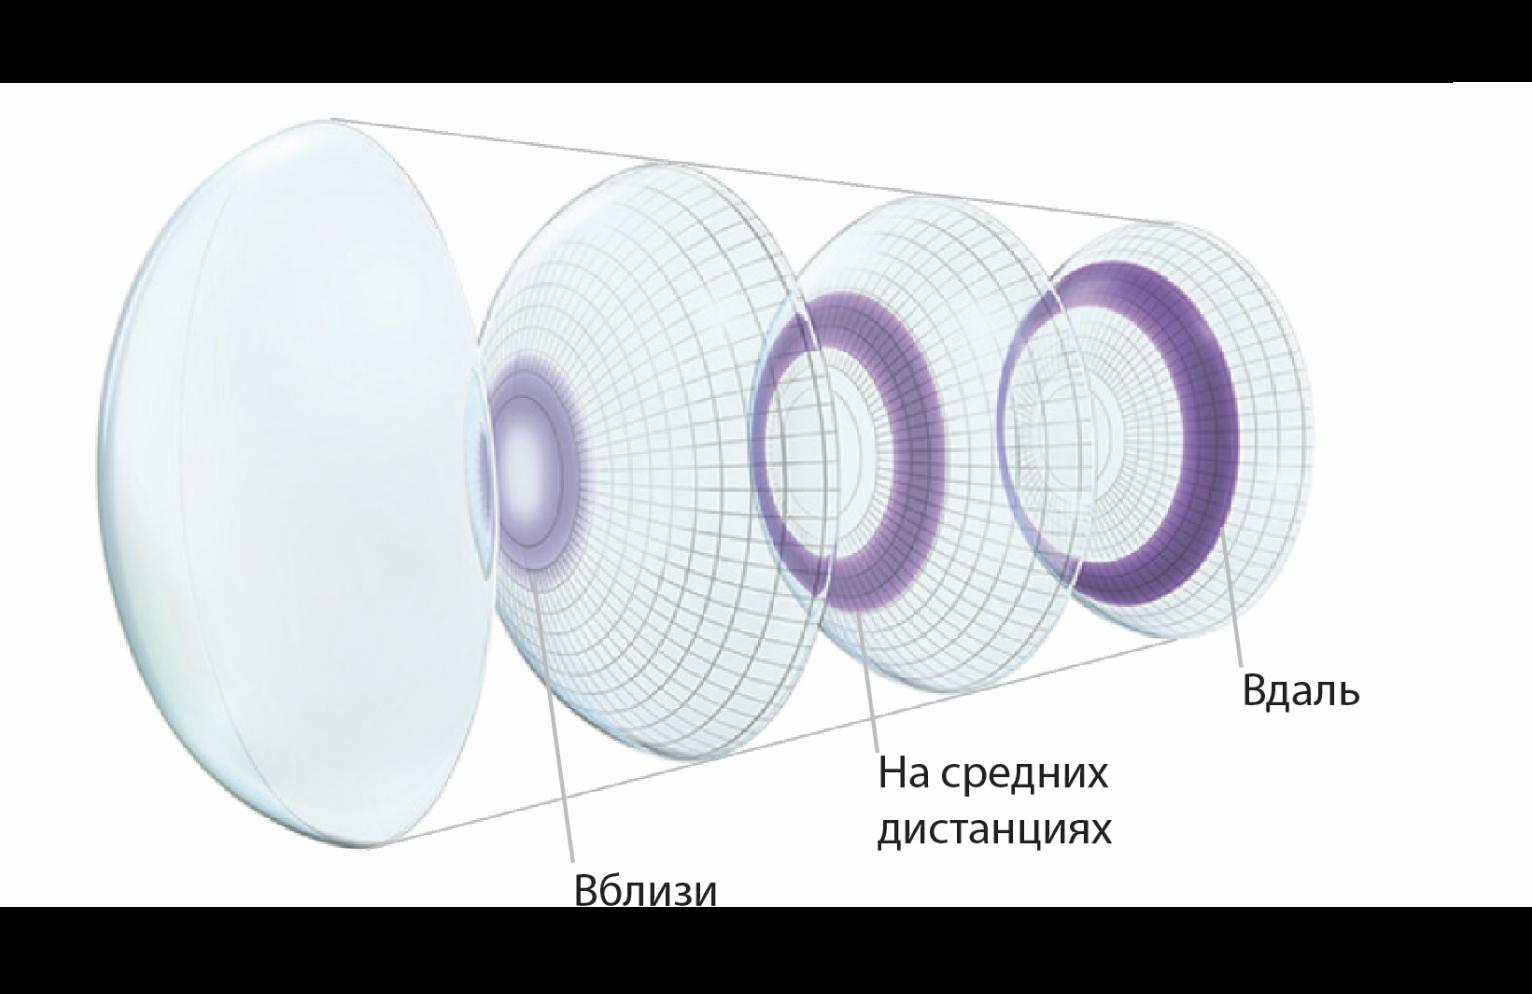 Купить Месячные мультифокальные контактные линзы Air Optix Plus HydraGlyde Multifocal Alcon ᐉ Магазин линз